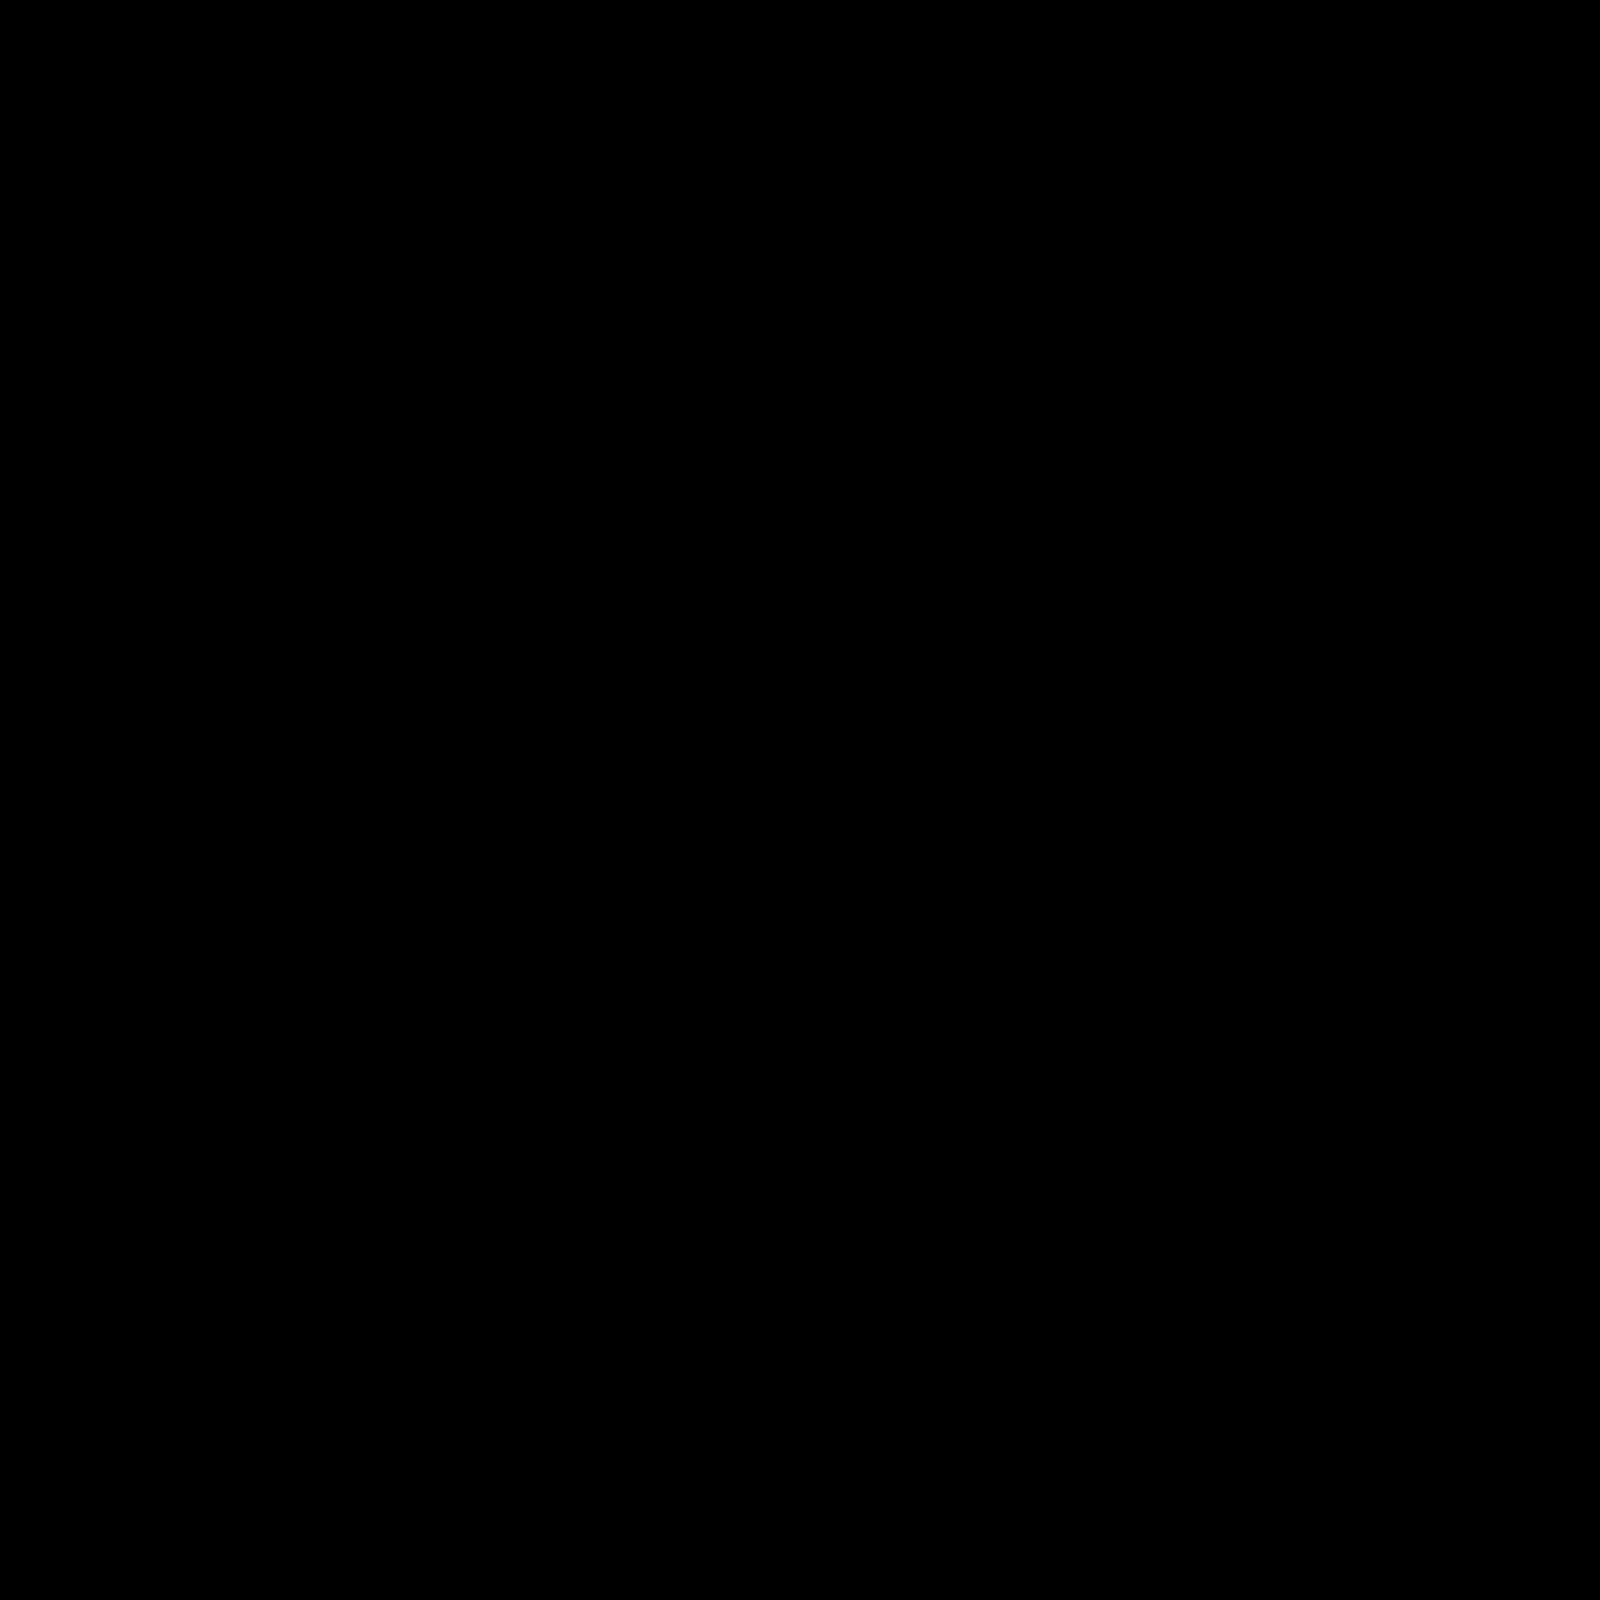 Sort Left icon